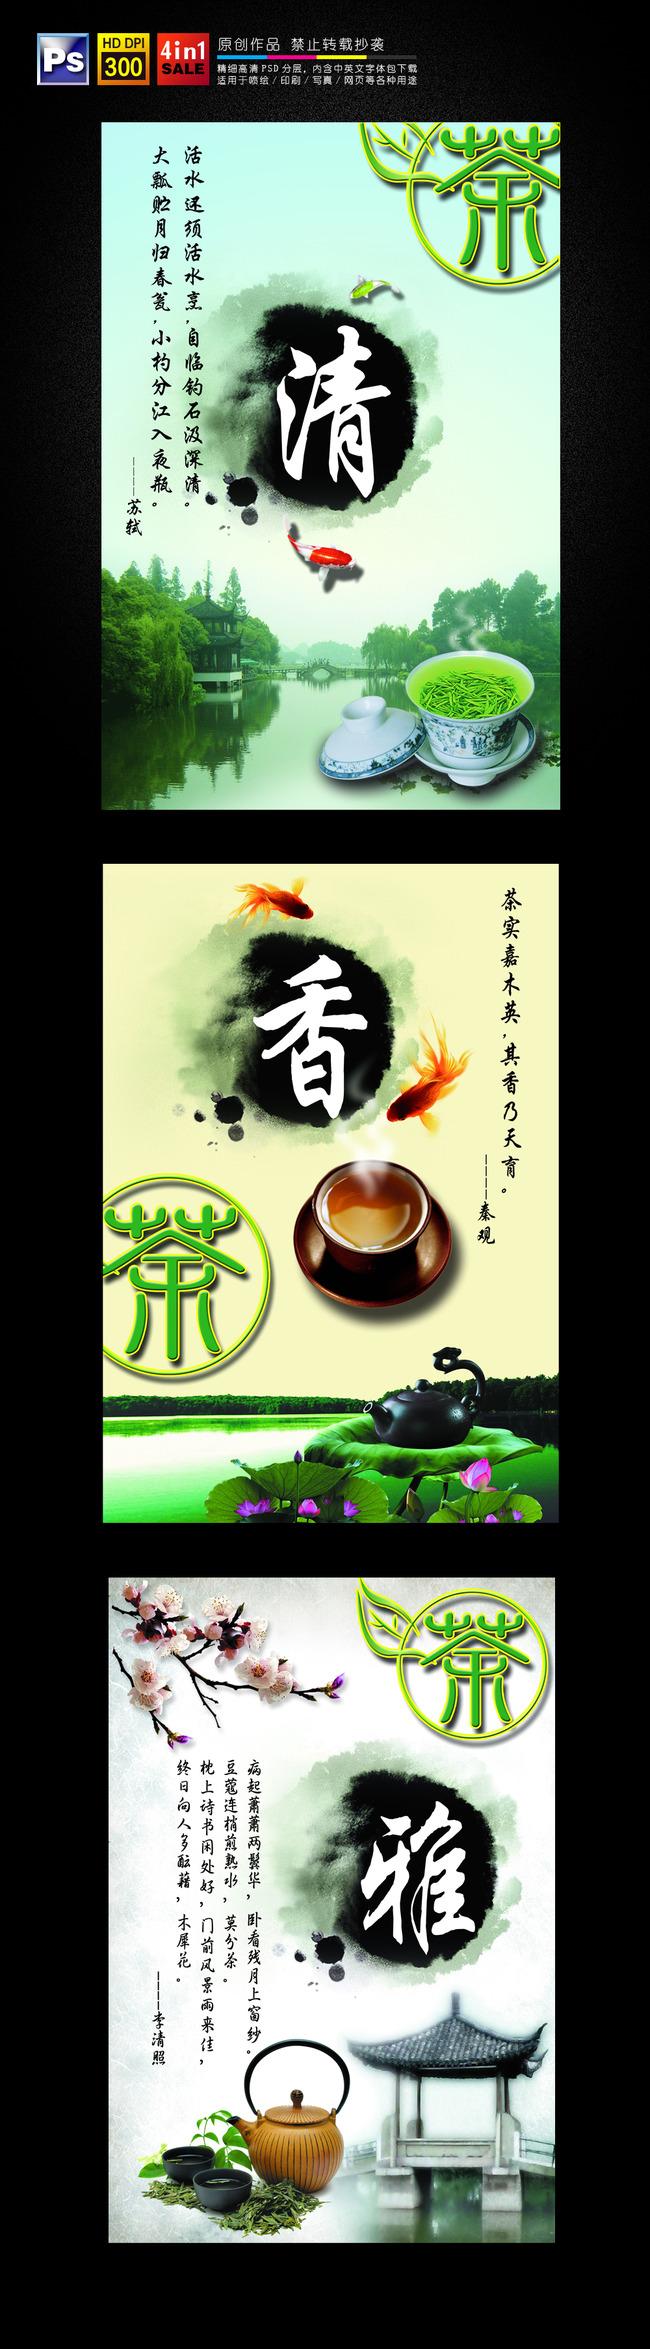 中国风茶文化展板设计